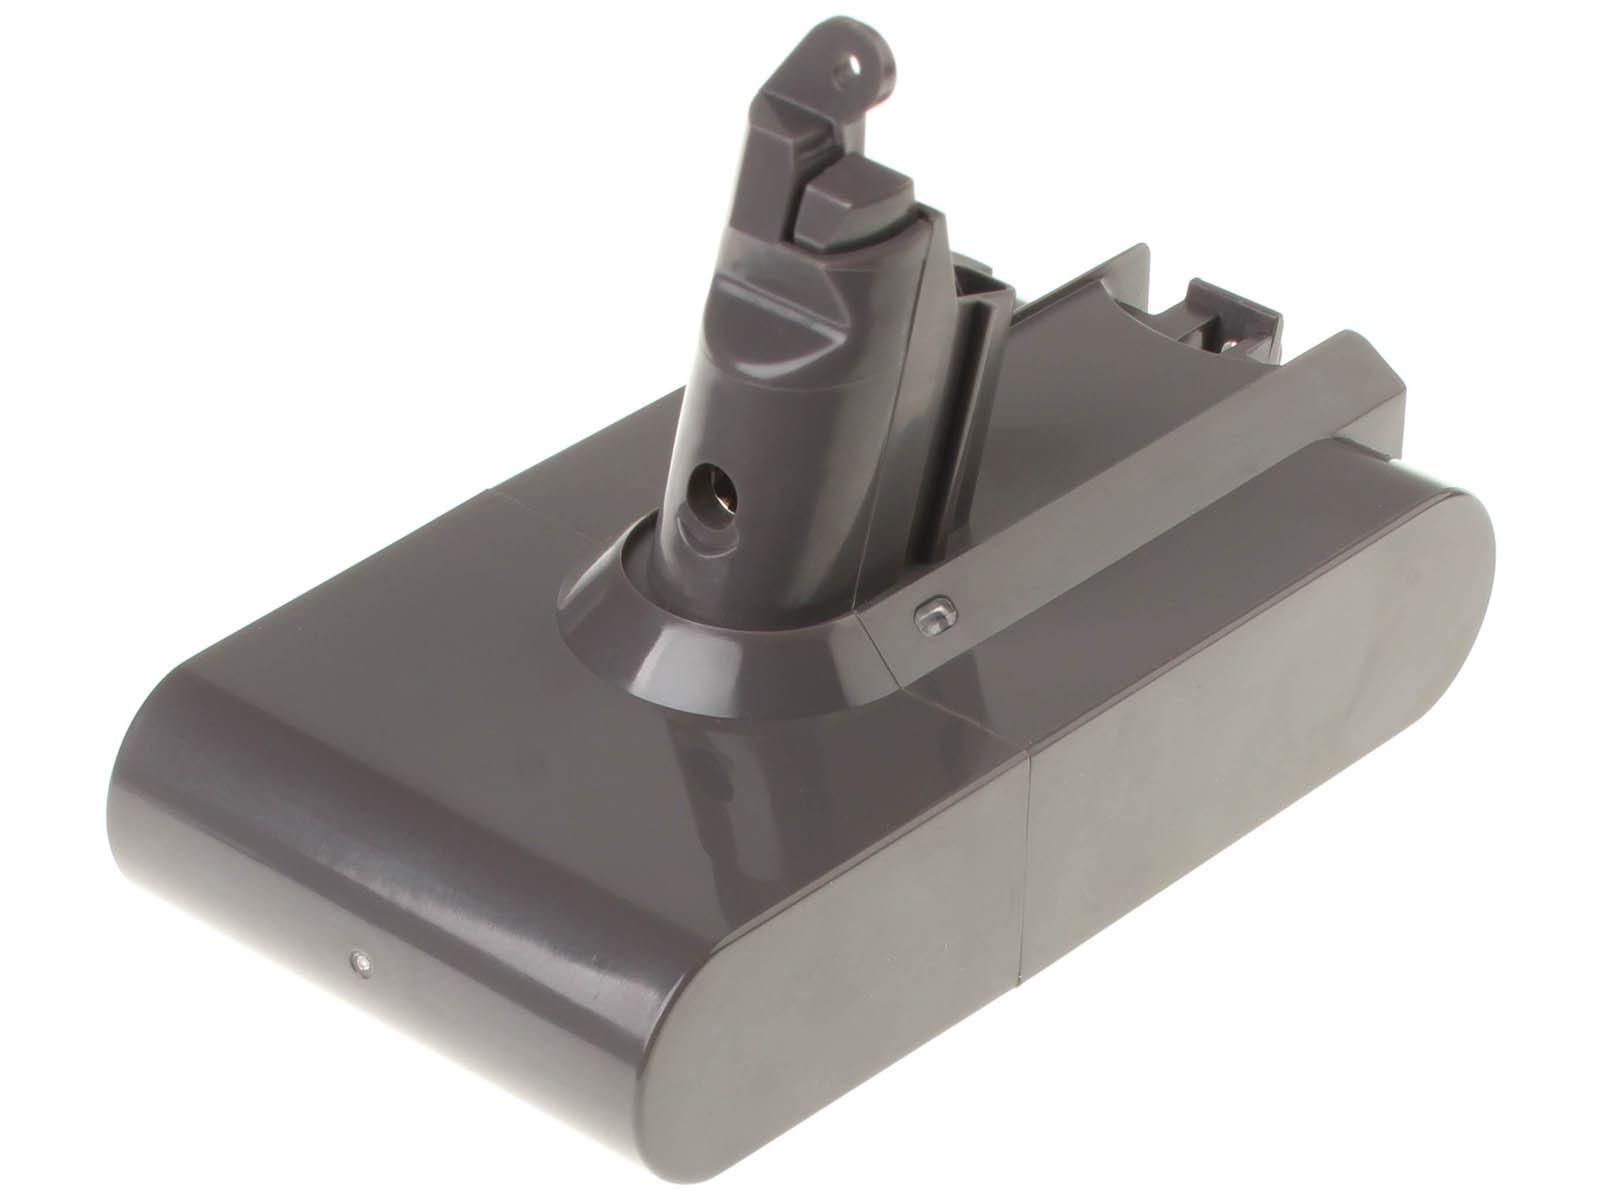 Dyson dc62 animal pro аккумулятор купить пылесосы дайсон производство